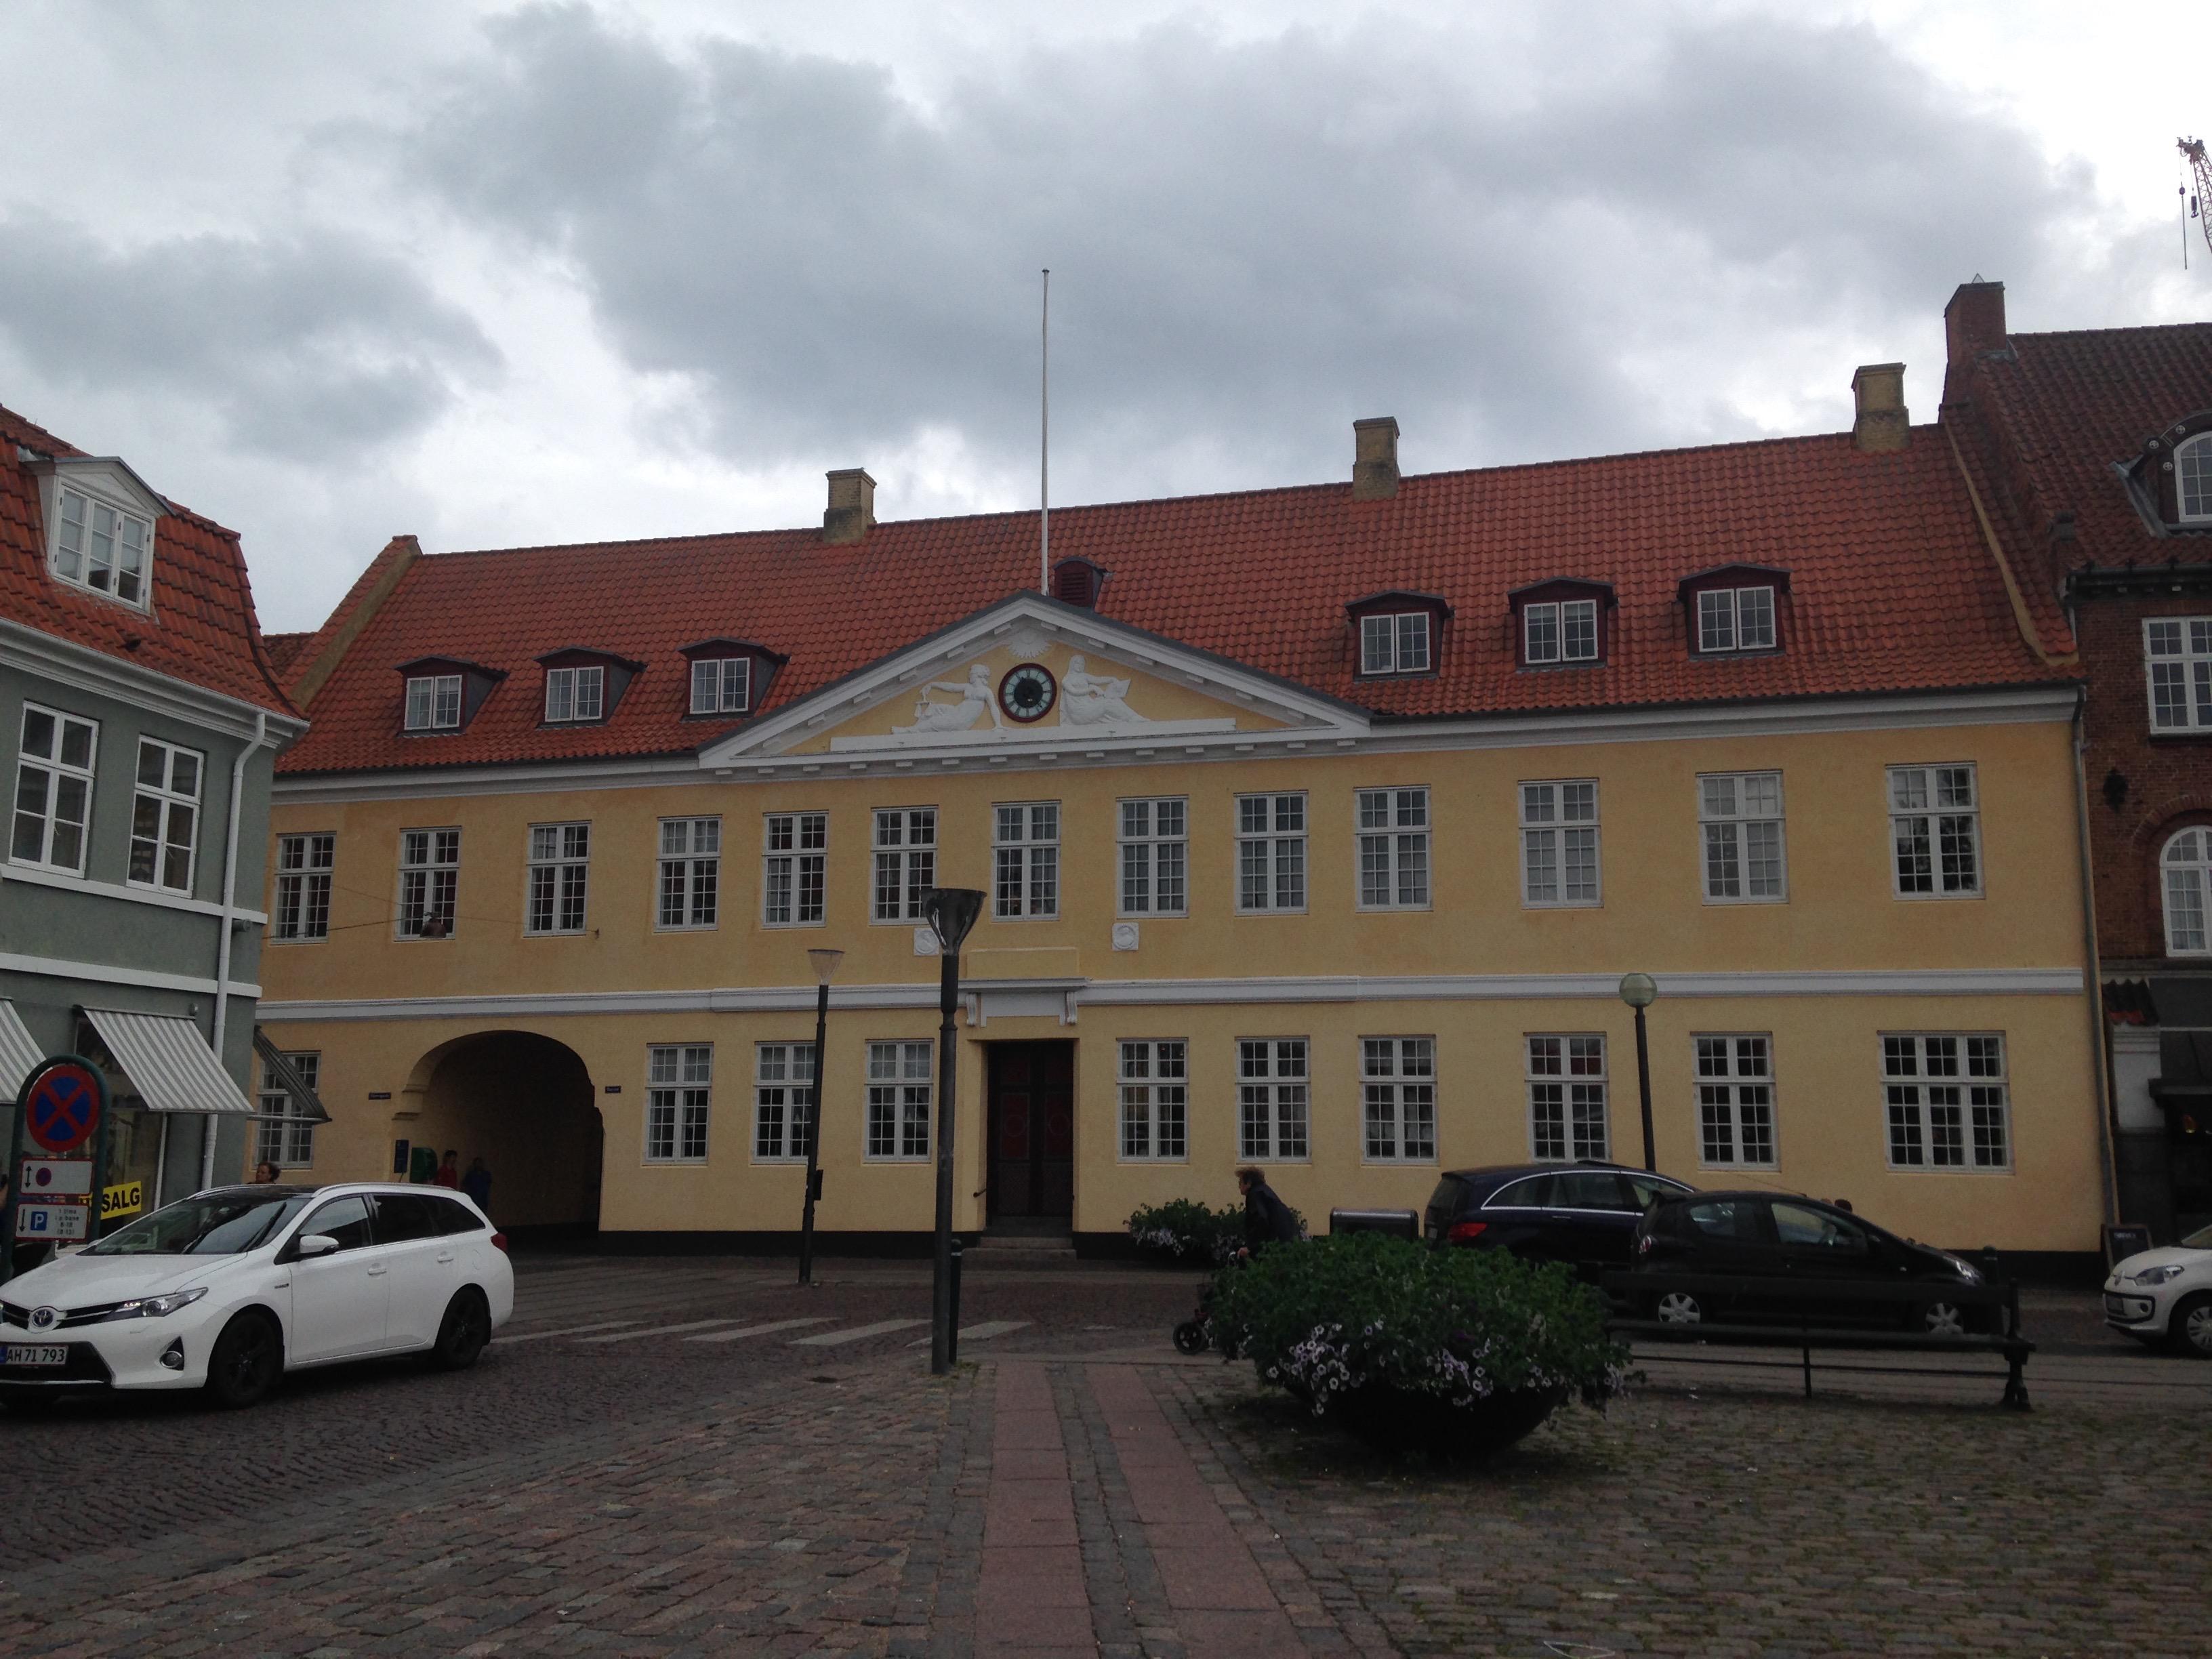 #5F4037 Dette års Guld I Købstæderne – Vandring I Køge Køge Arkiverne Gør Det Selv Værkstedet I Køge Køge 6421 326424486421